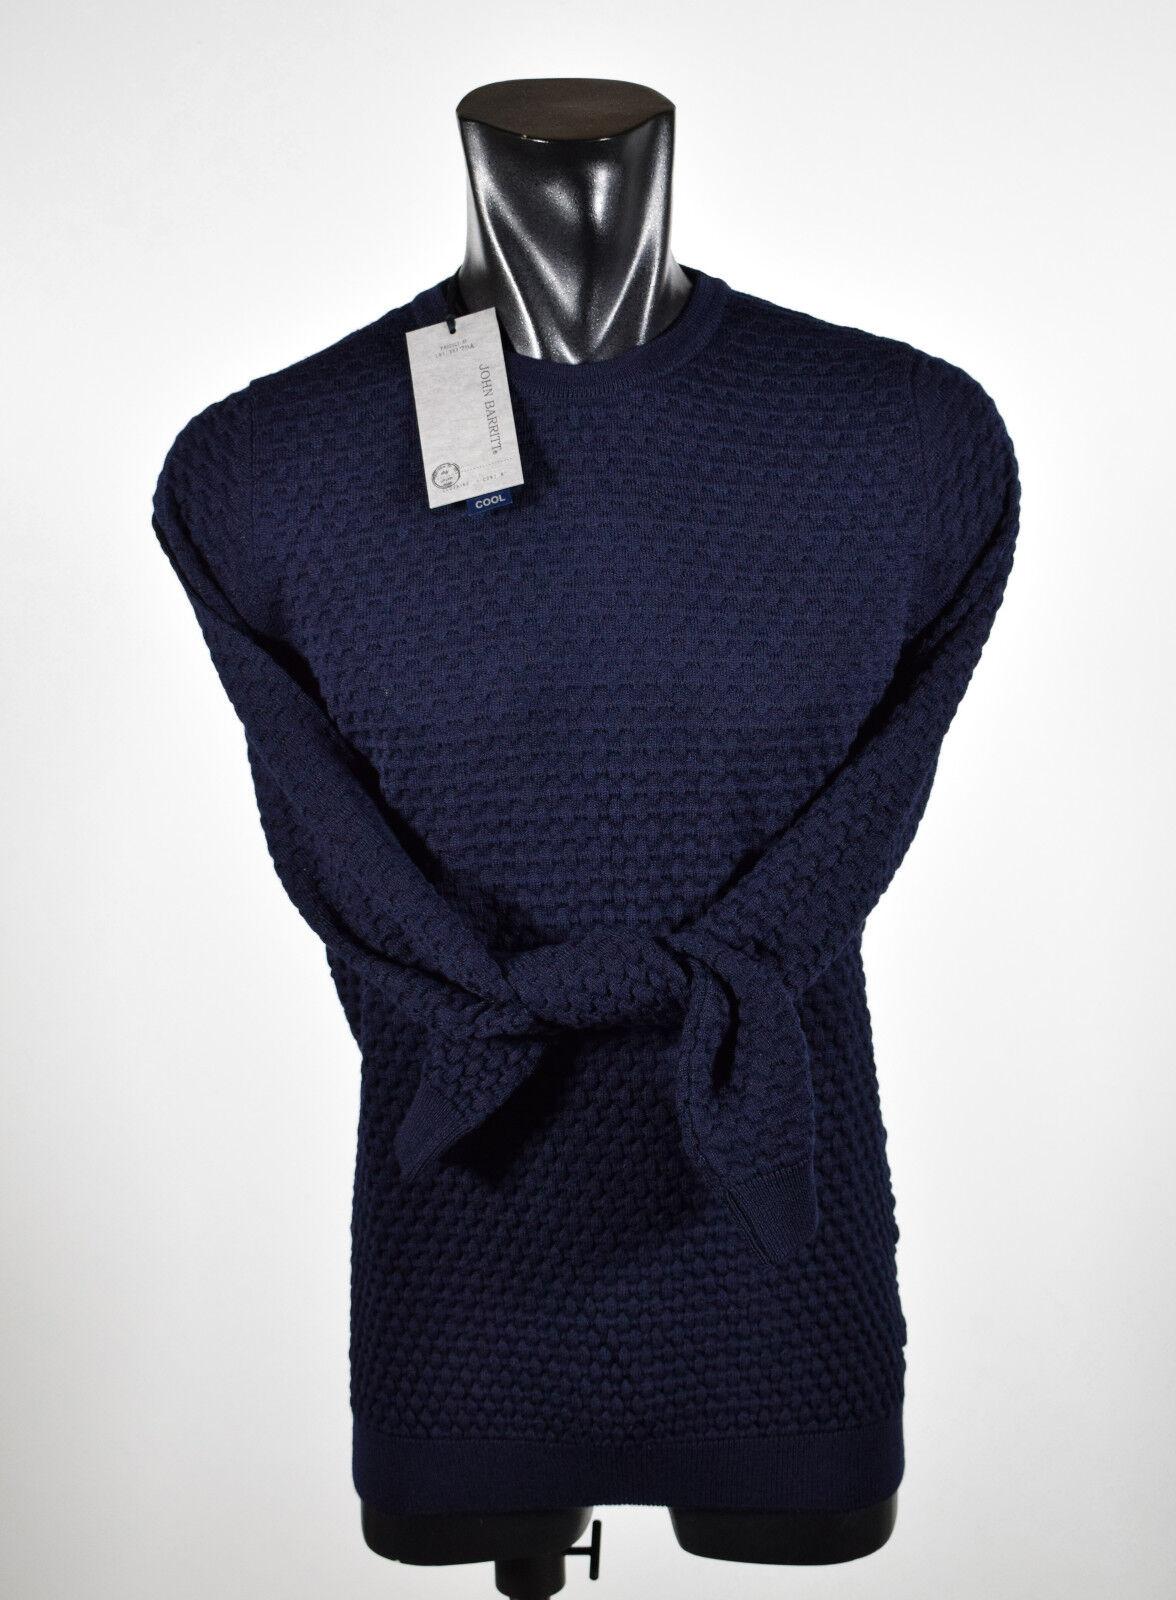 Maglione girocollo Slim Fit John Barritt misto lana punta fantasia tre colori